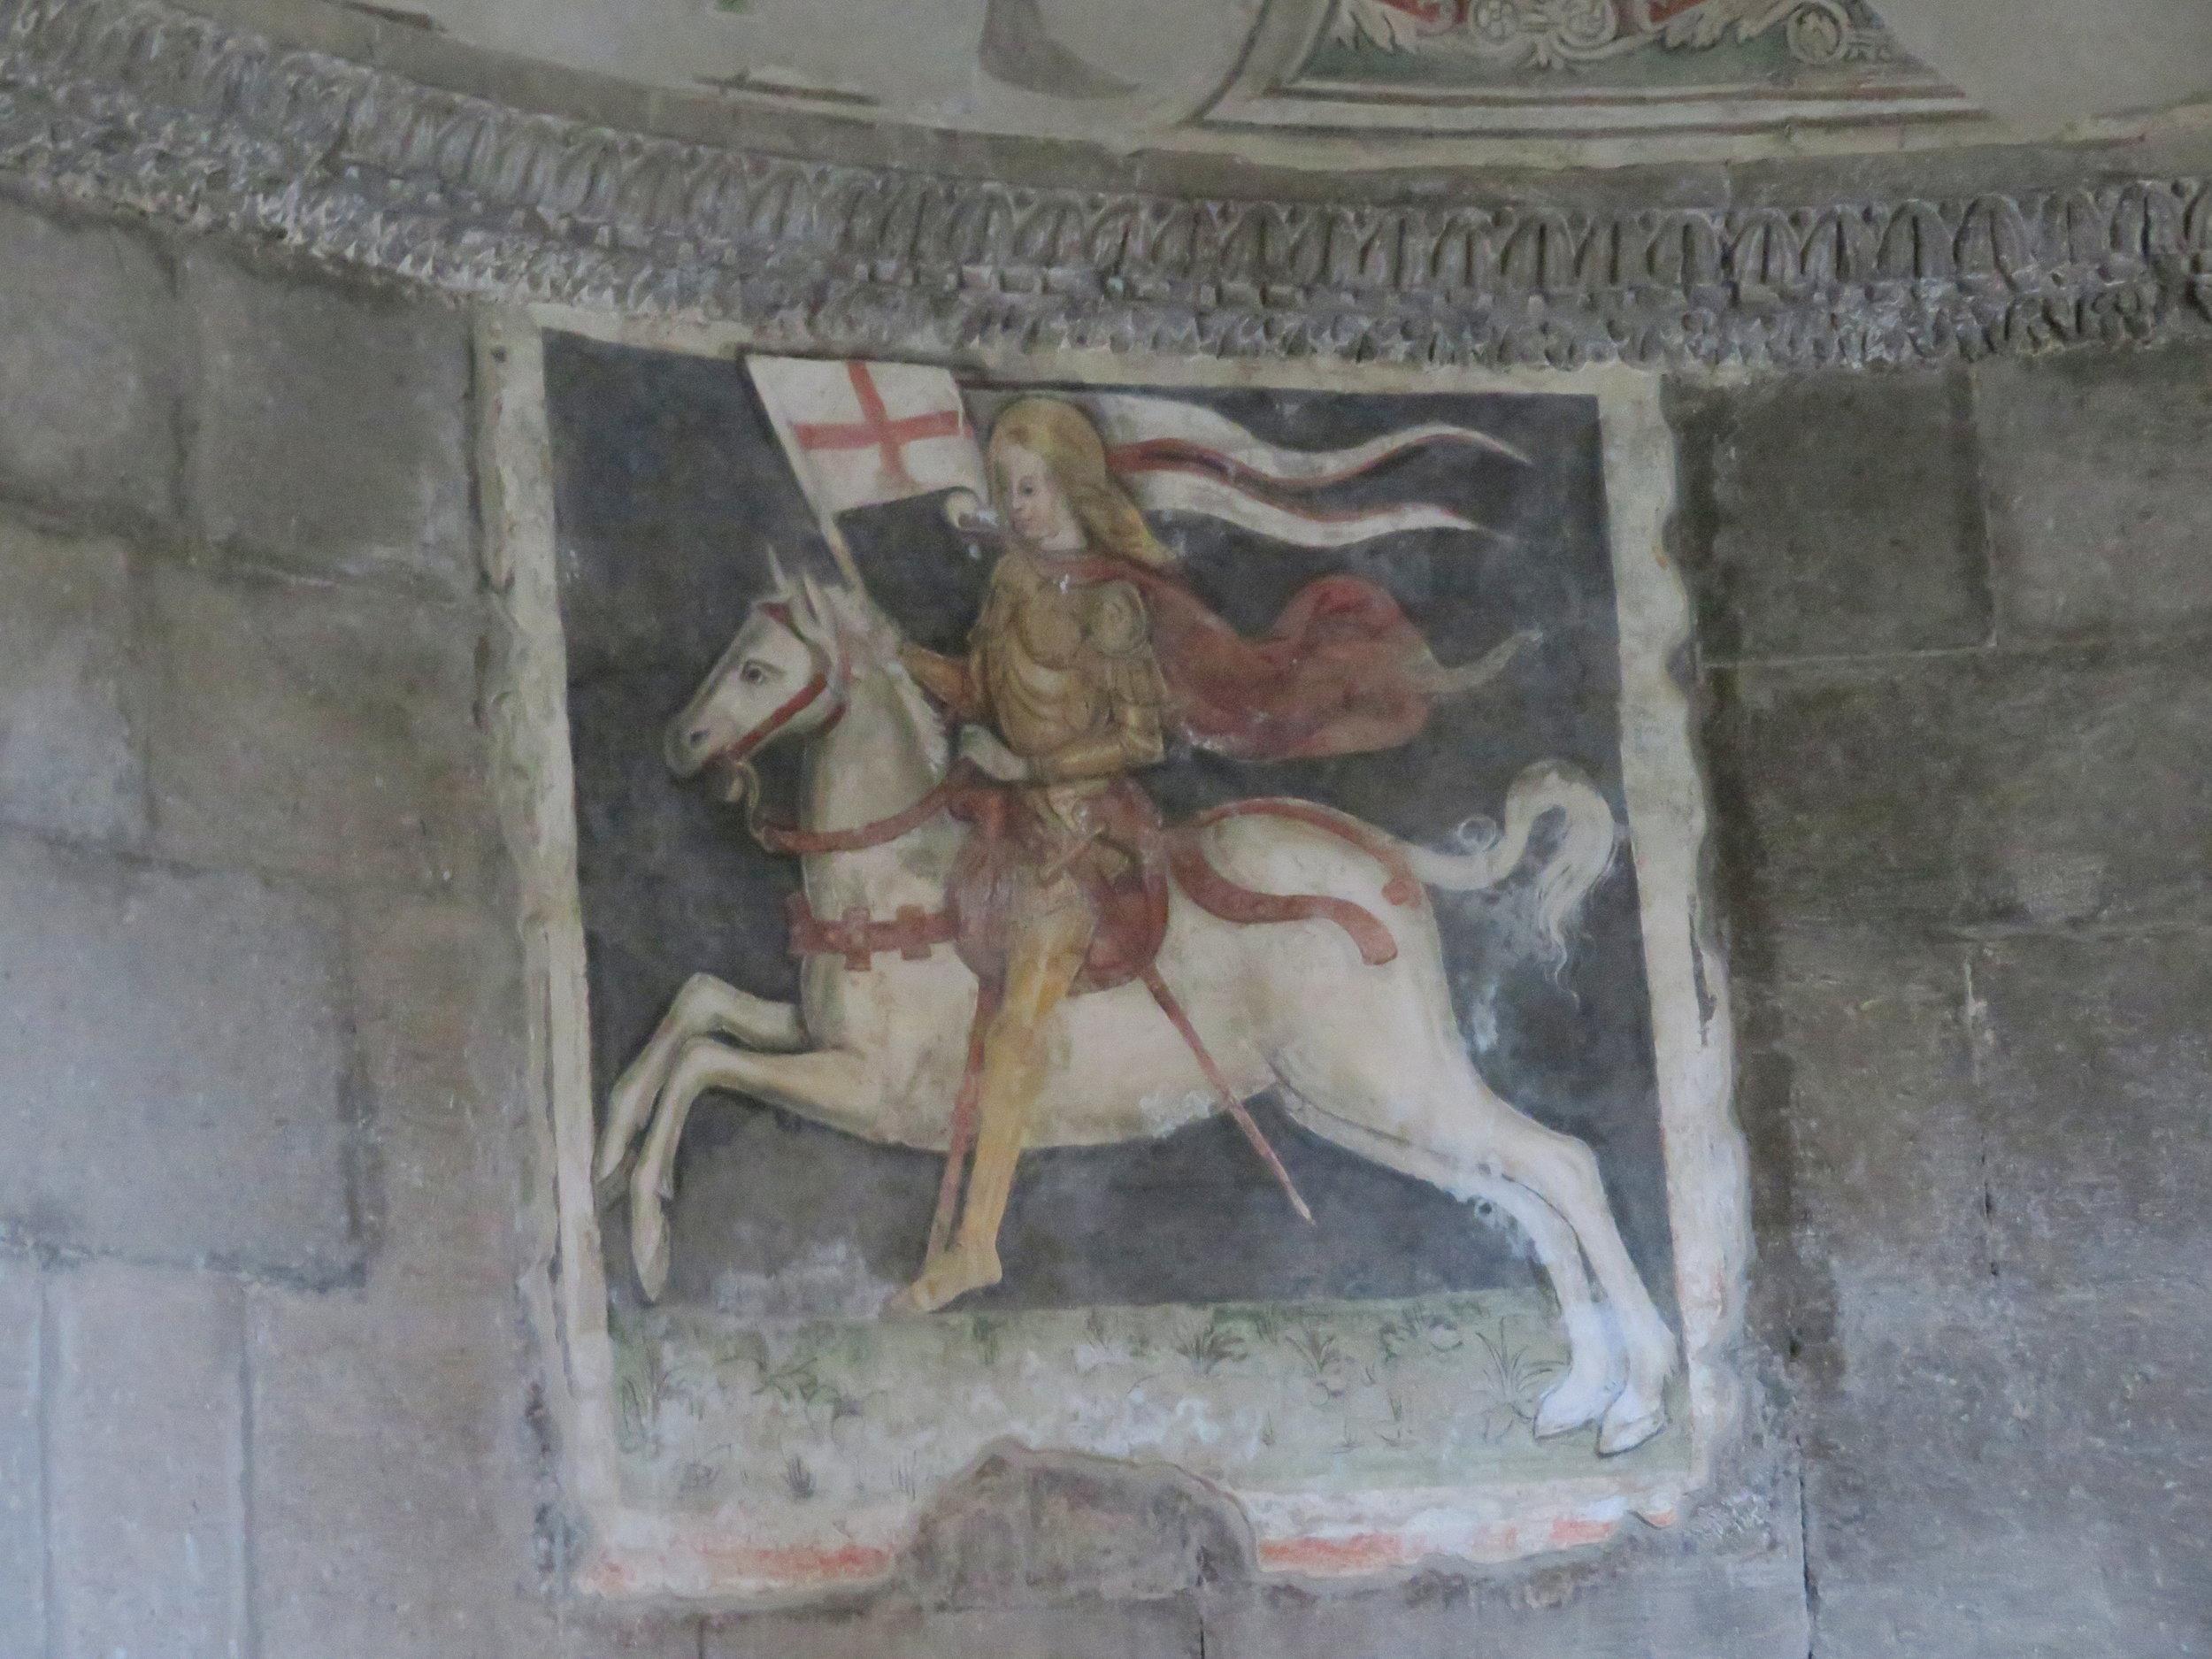 The church's patron saint, San Flaviano